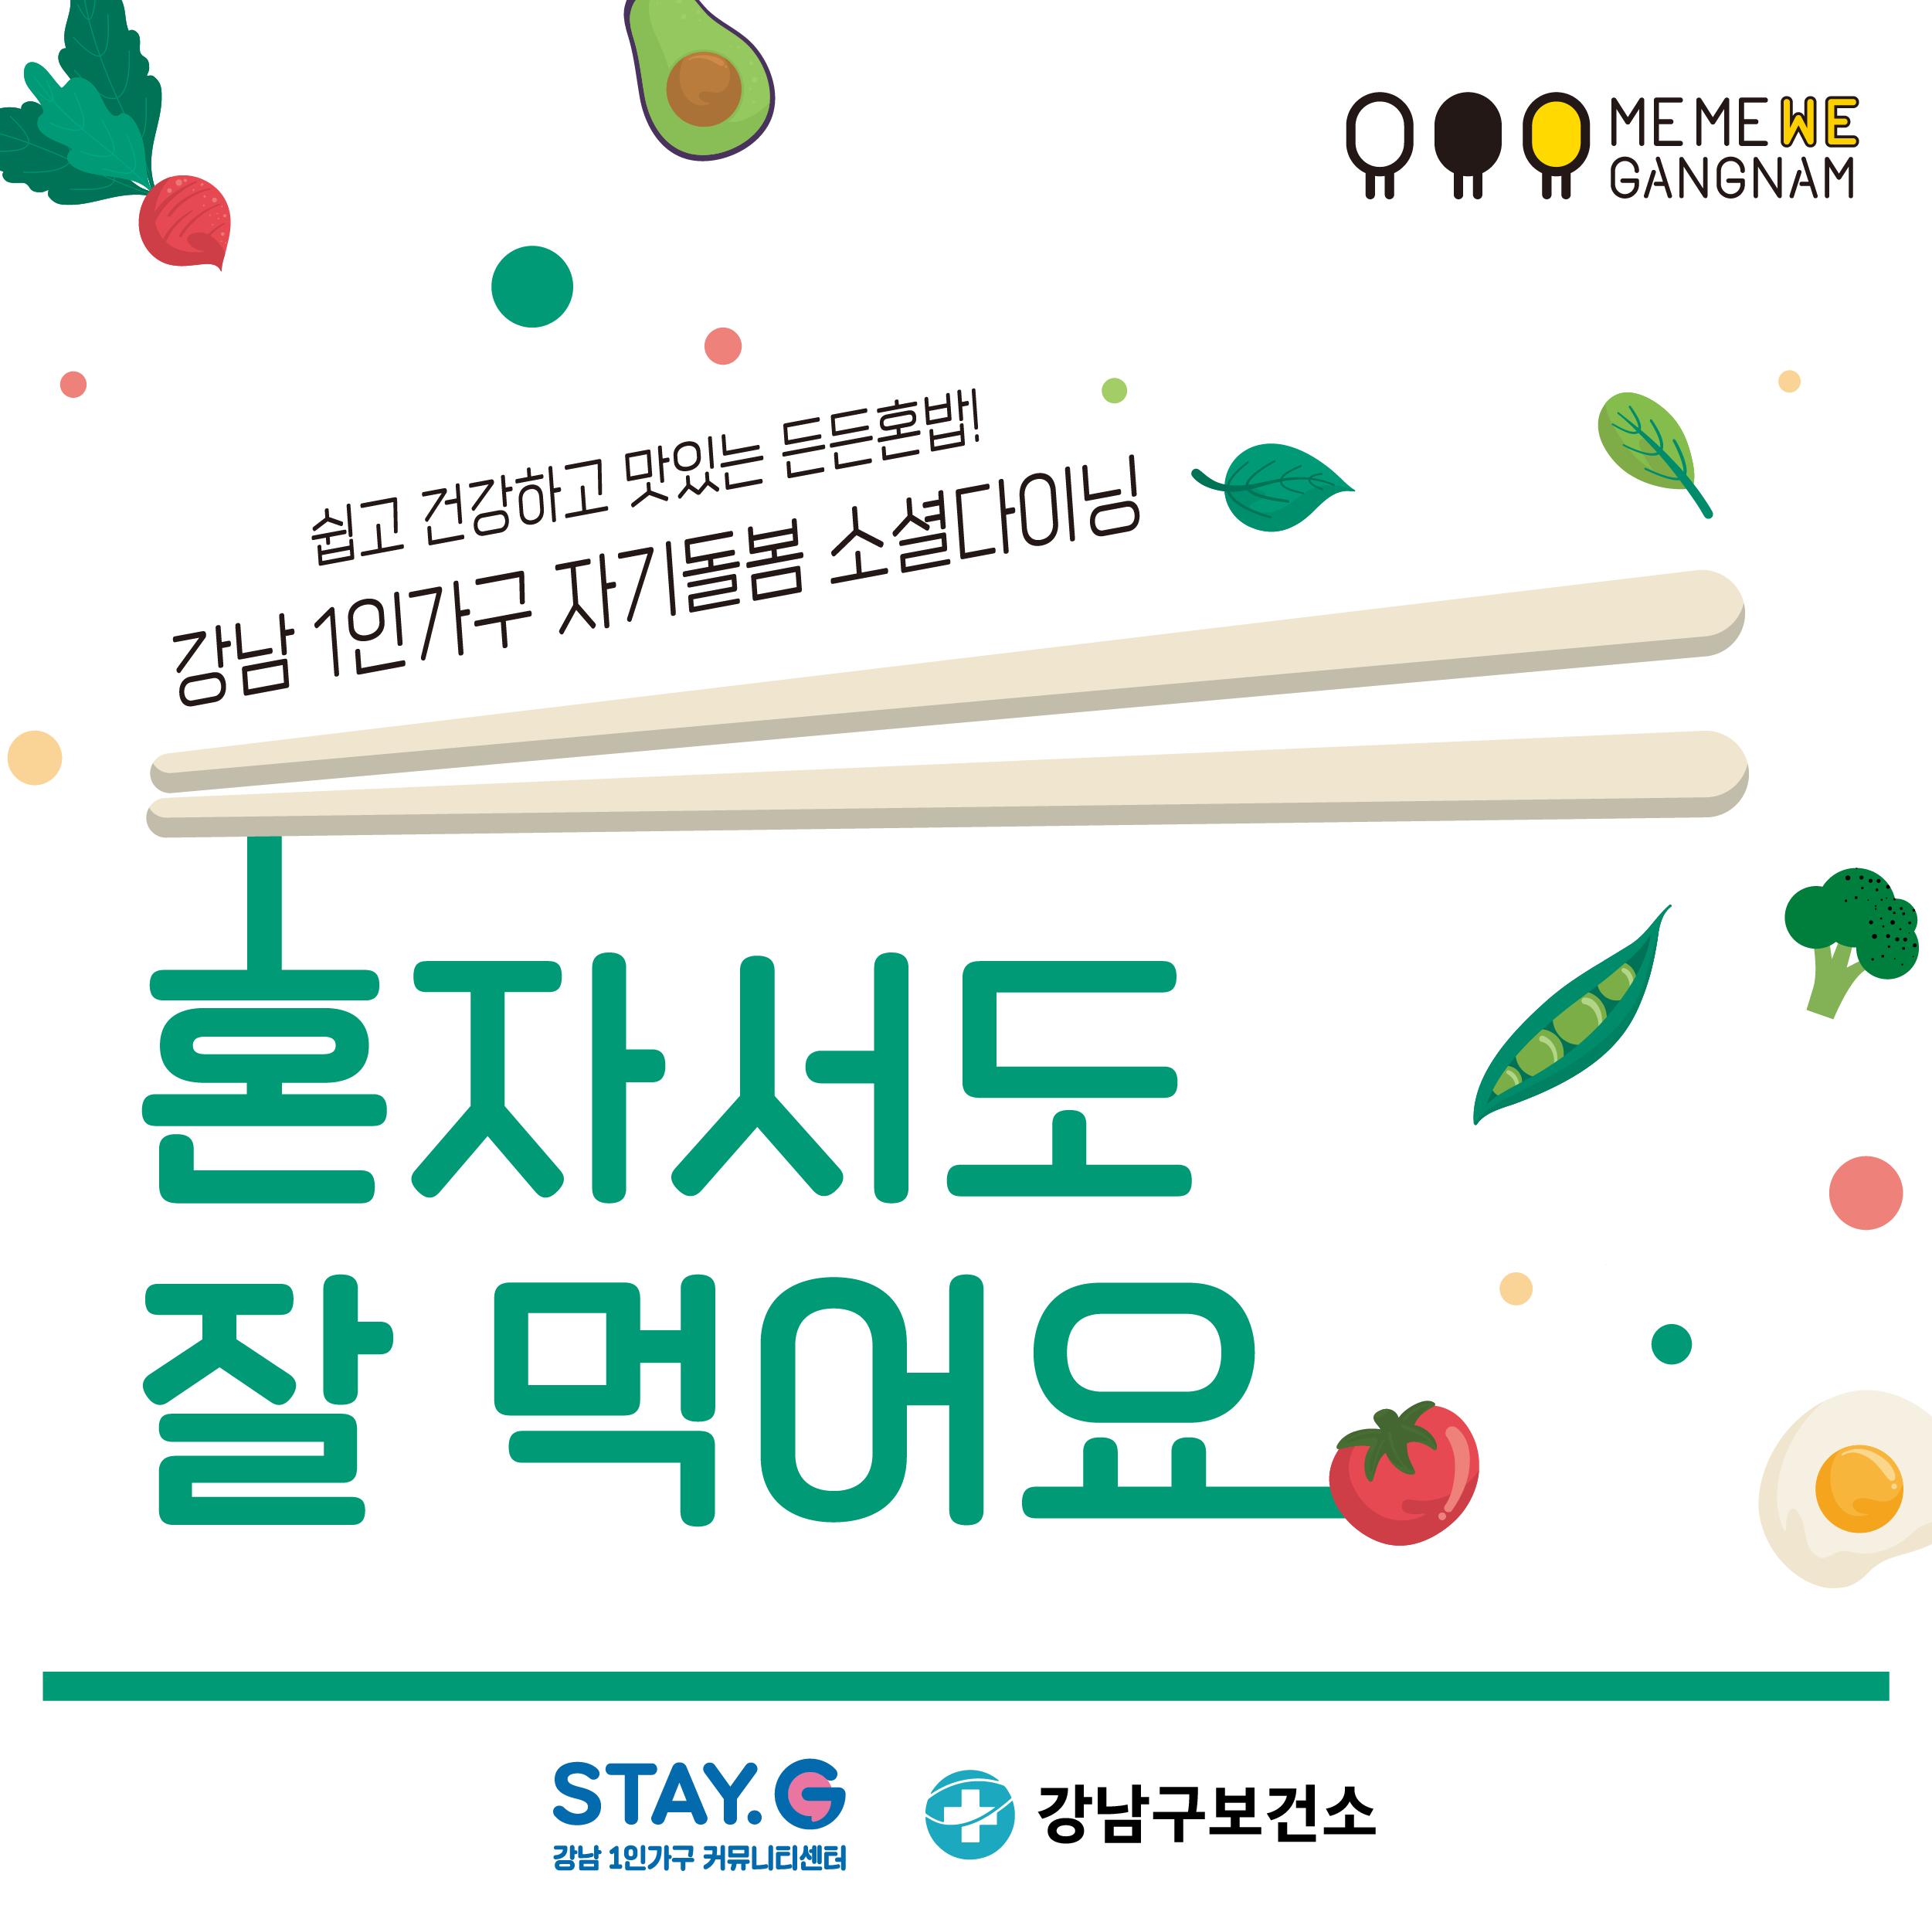 쉽고 건강하고 맛있는 든든혼밥! 강남 1인가구 자기돌봄 소셜다이닝 혼자서도 잘 먹어요